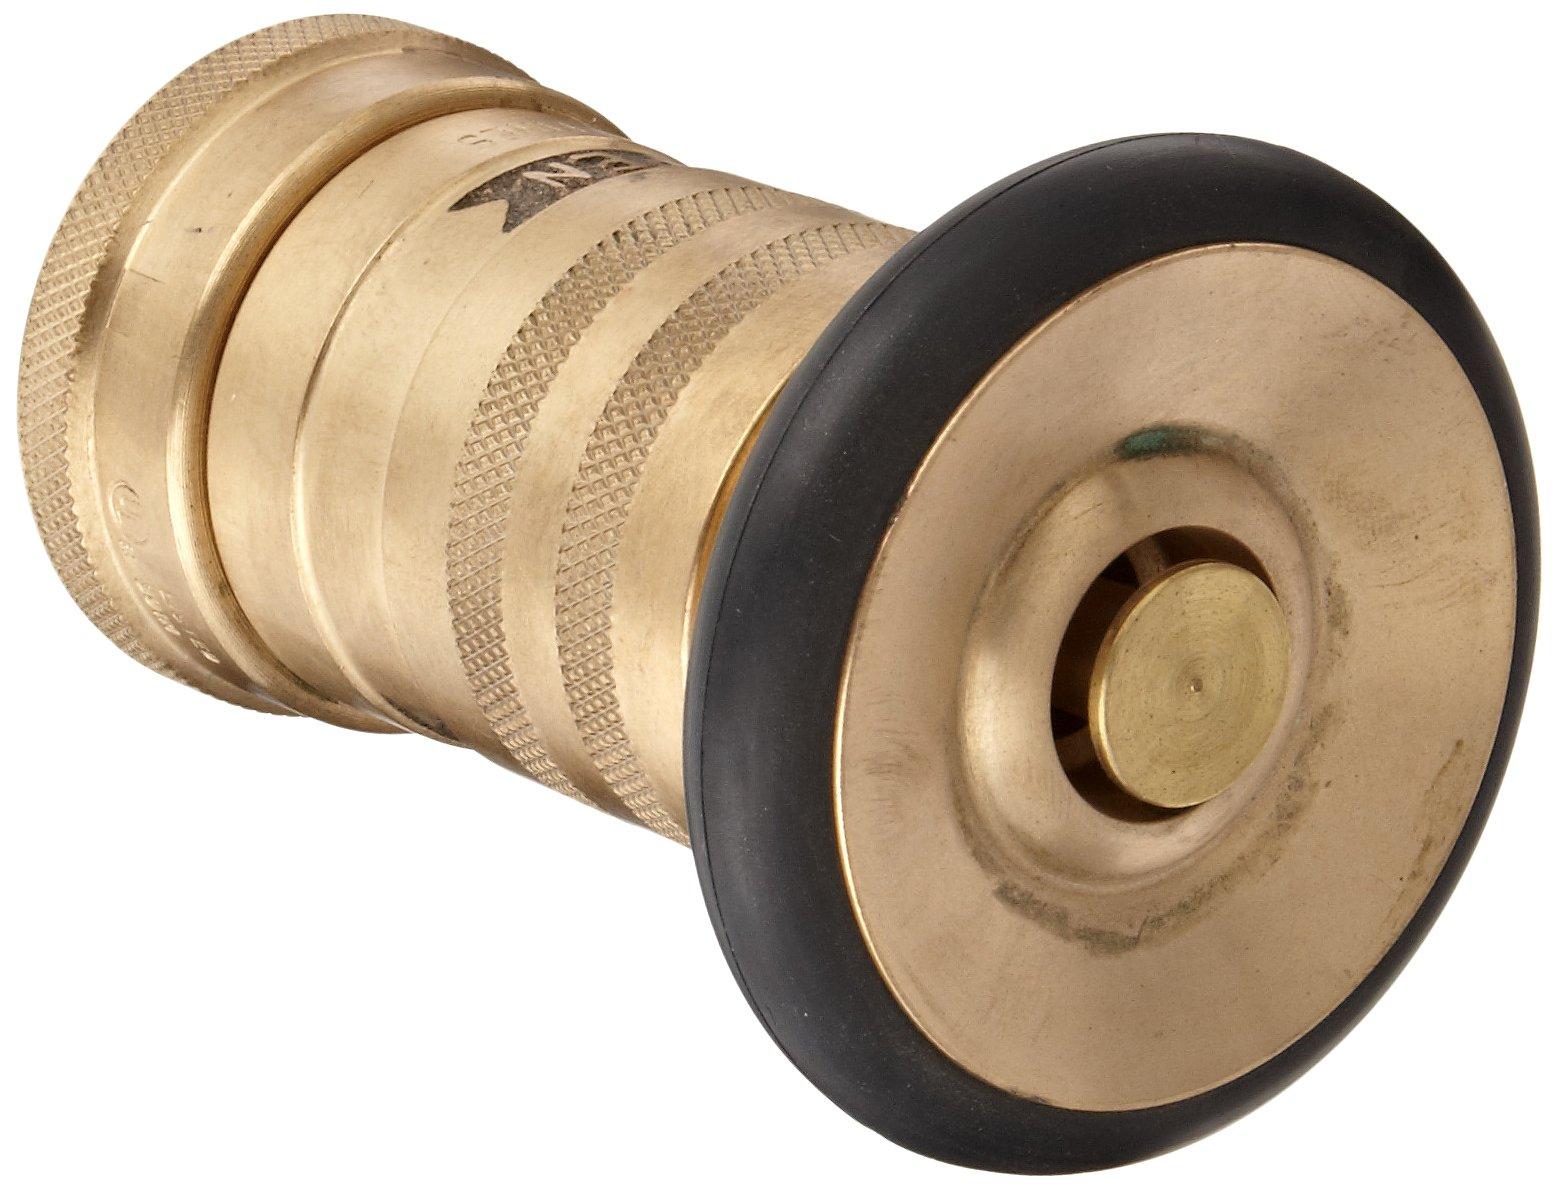 Moon 520-1011 Brass Fire Hose Nozzle, Heavy Duty Industrial Fog, 36 gpm, 1'' NPSH